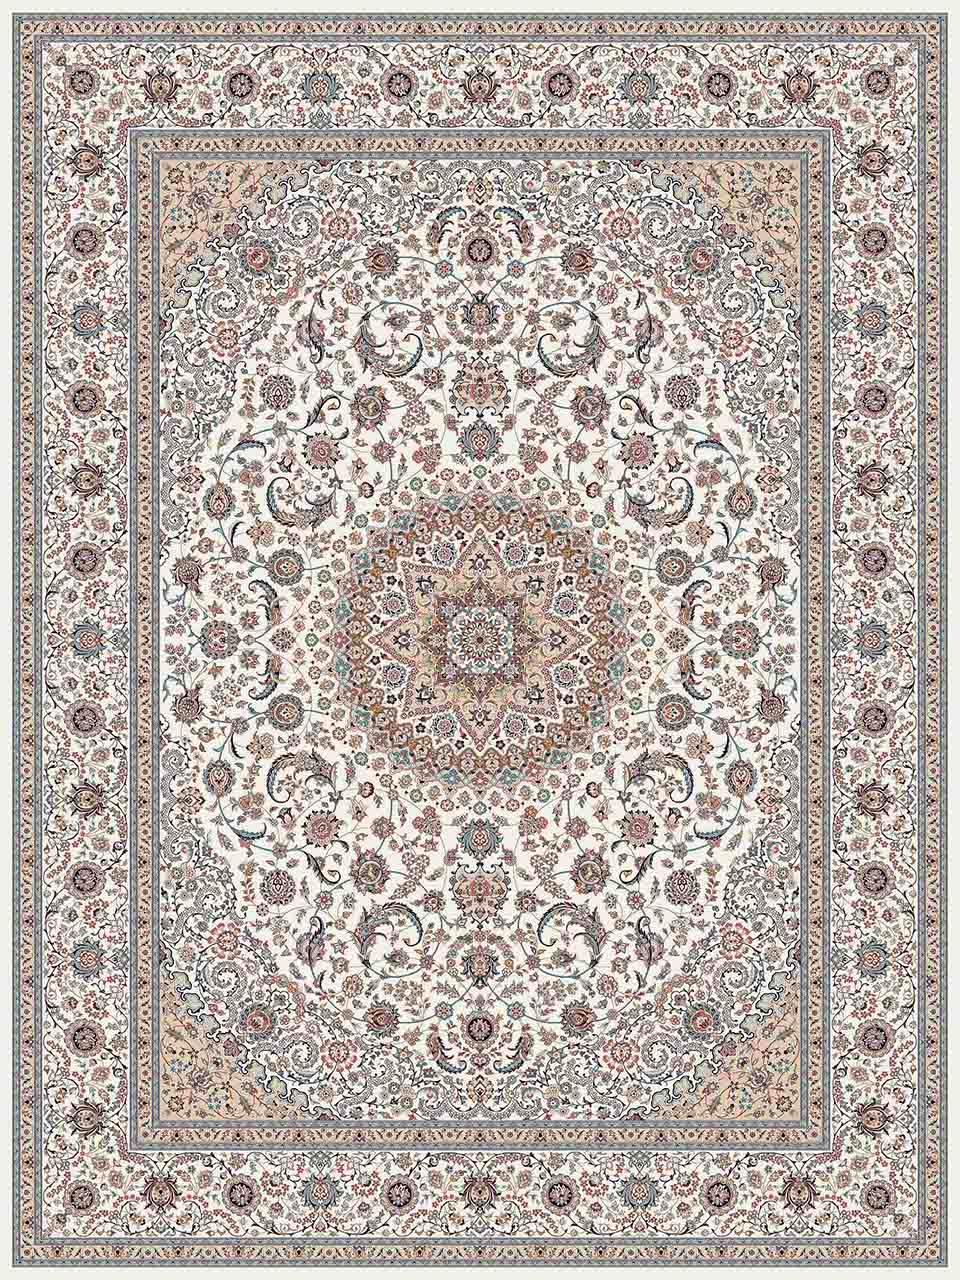 فرش (25019) اکریلیک - 8 رنگ - 700 شانه - كرم - تراکم 2550